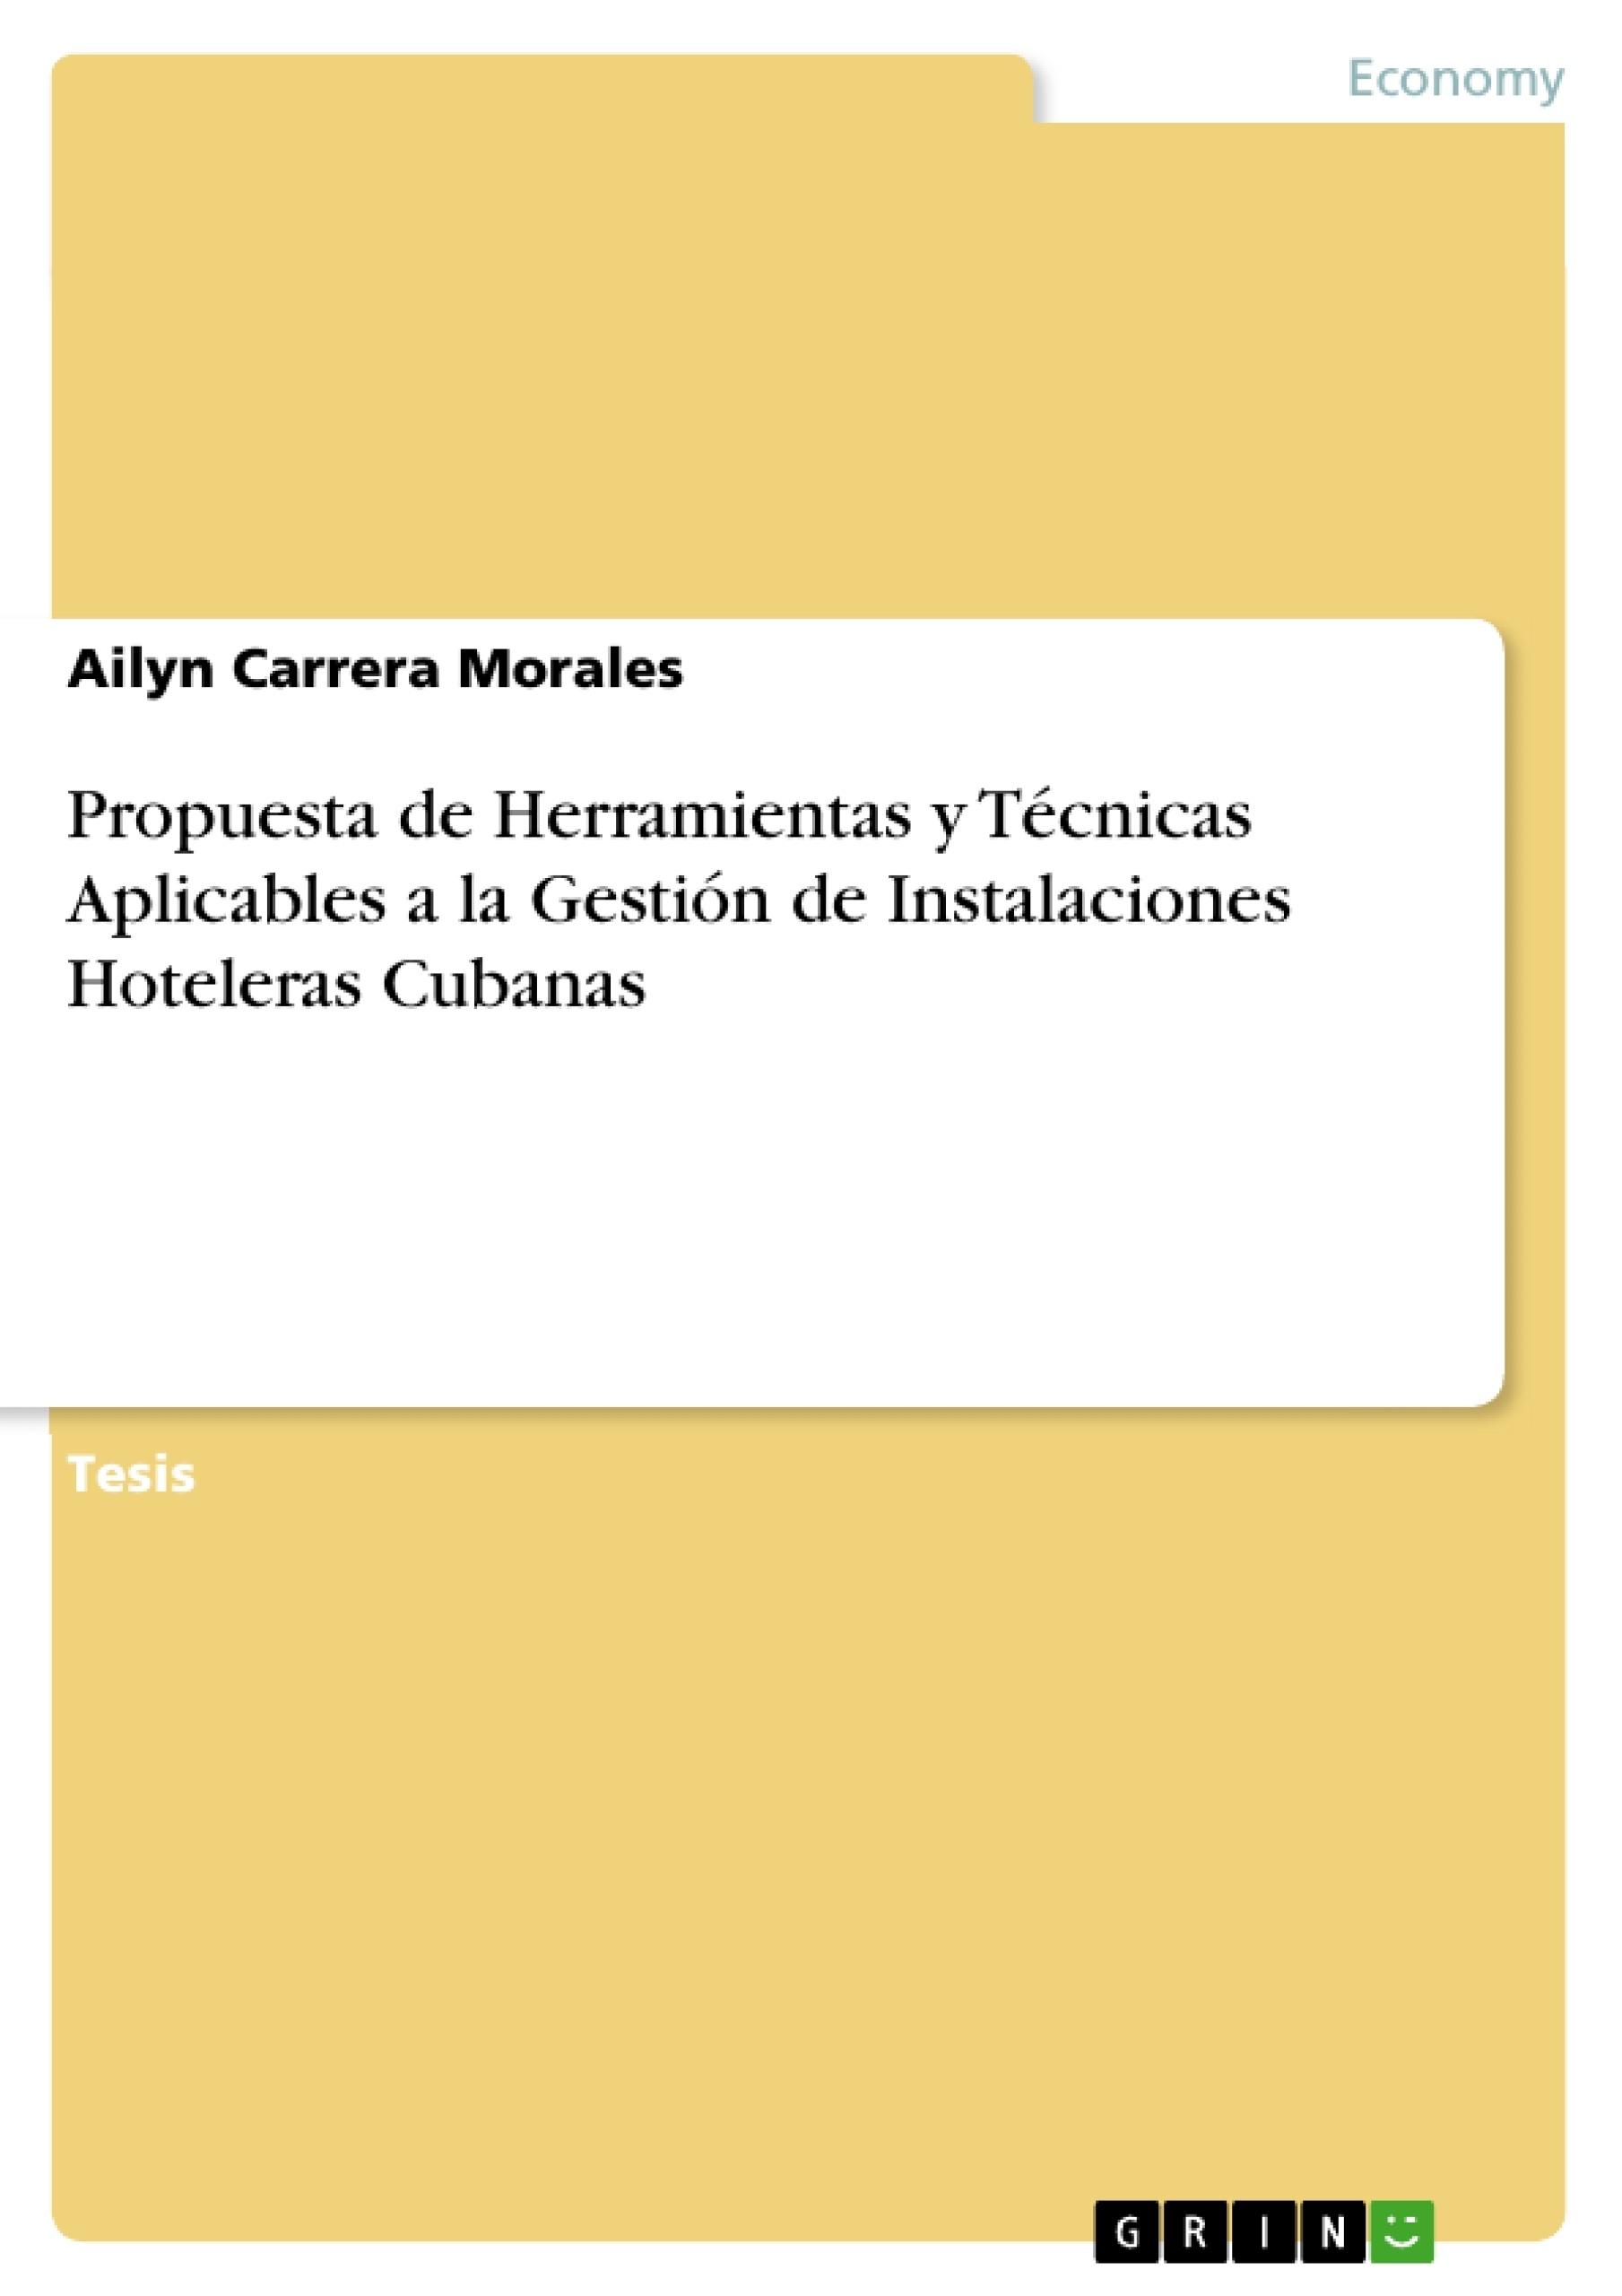 Título: Propuesta de Herramientas y Técnicas Aplicables a la Gestión de Instalaciones Hoteleras Cubanas